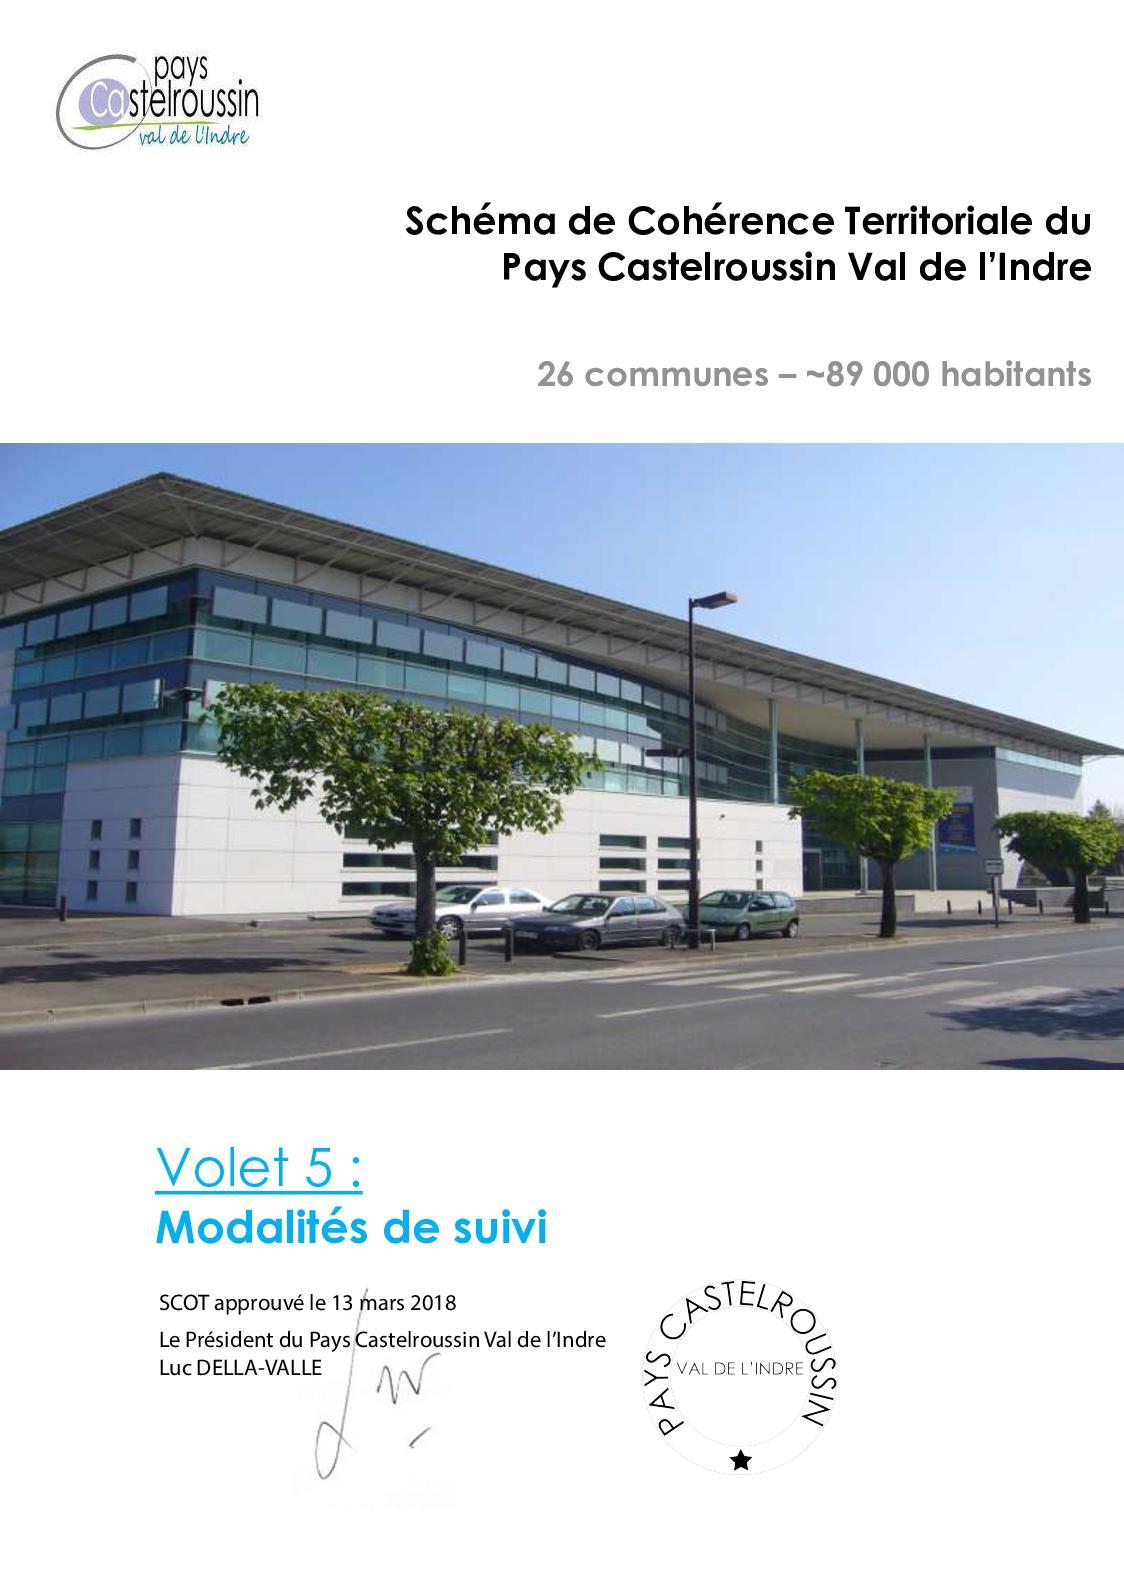 Volet 5 du Scot Castelroussin approuvé